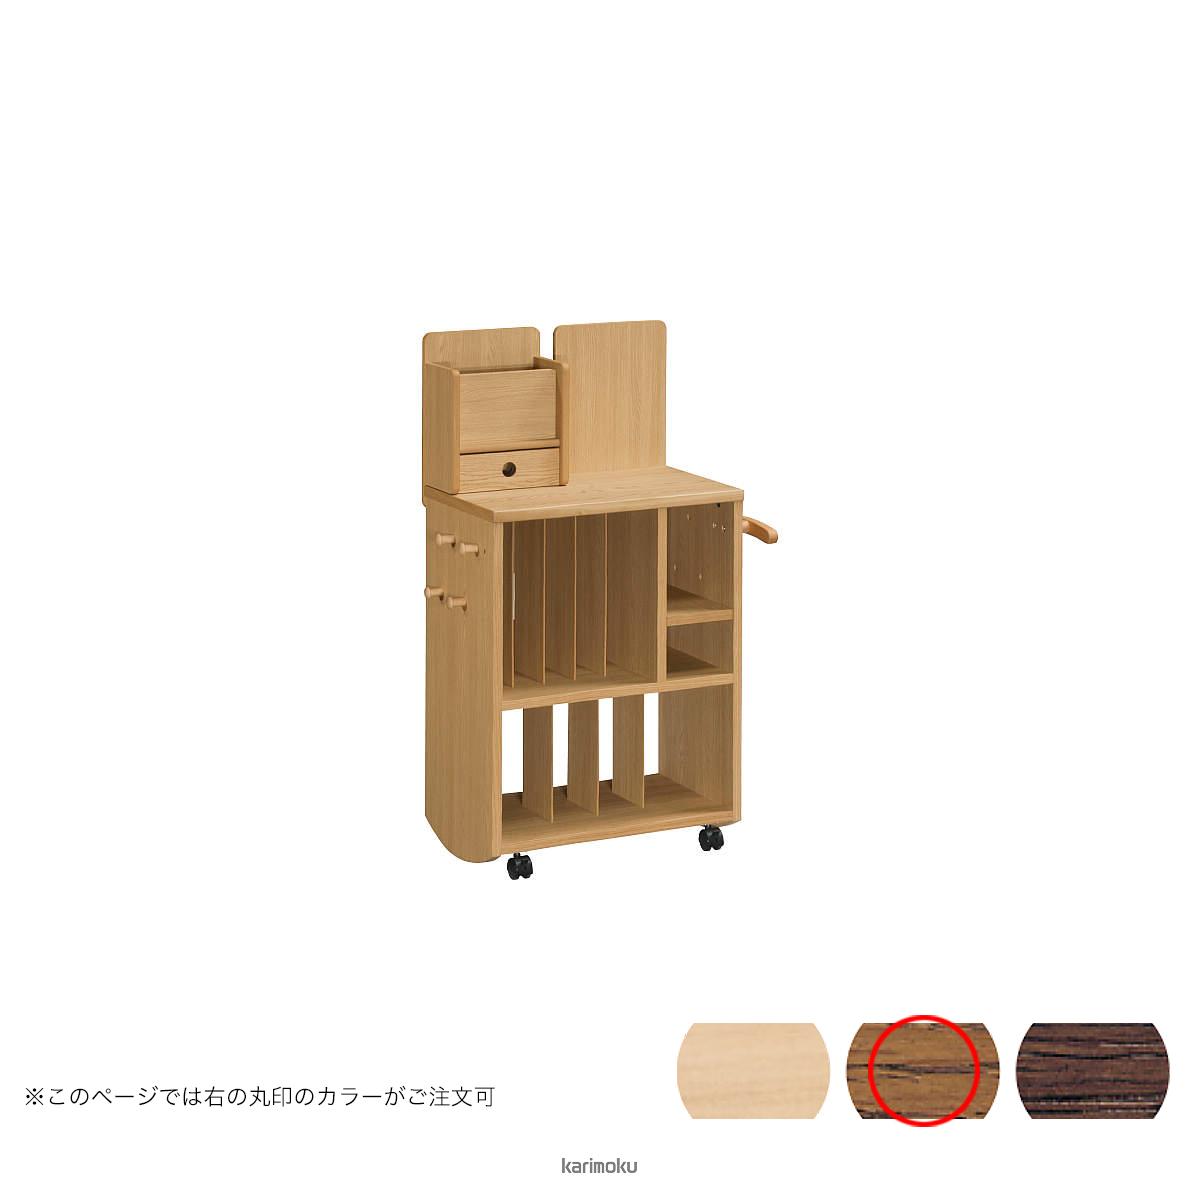 カリモク 学習机 SW0209 マルチラック (モルトブラウン色)【全国送料無料】【同梱不可】【店頭受取対応商品】